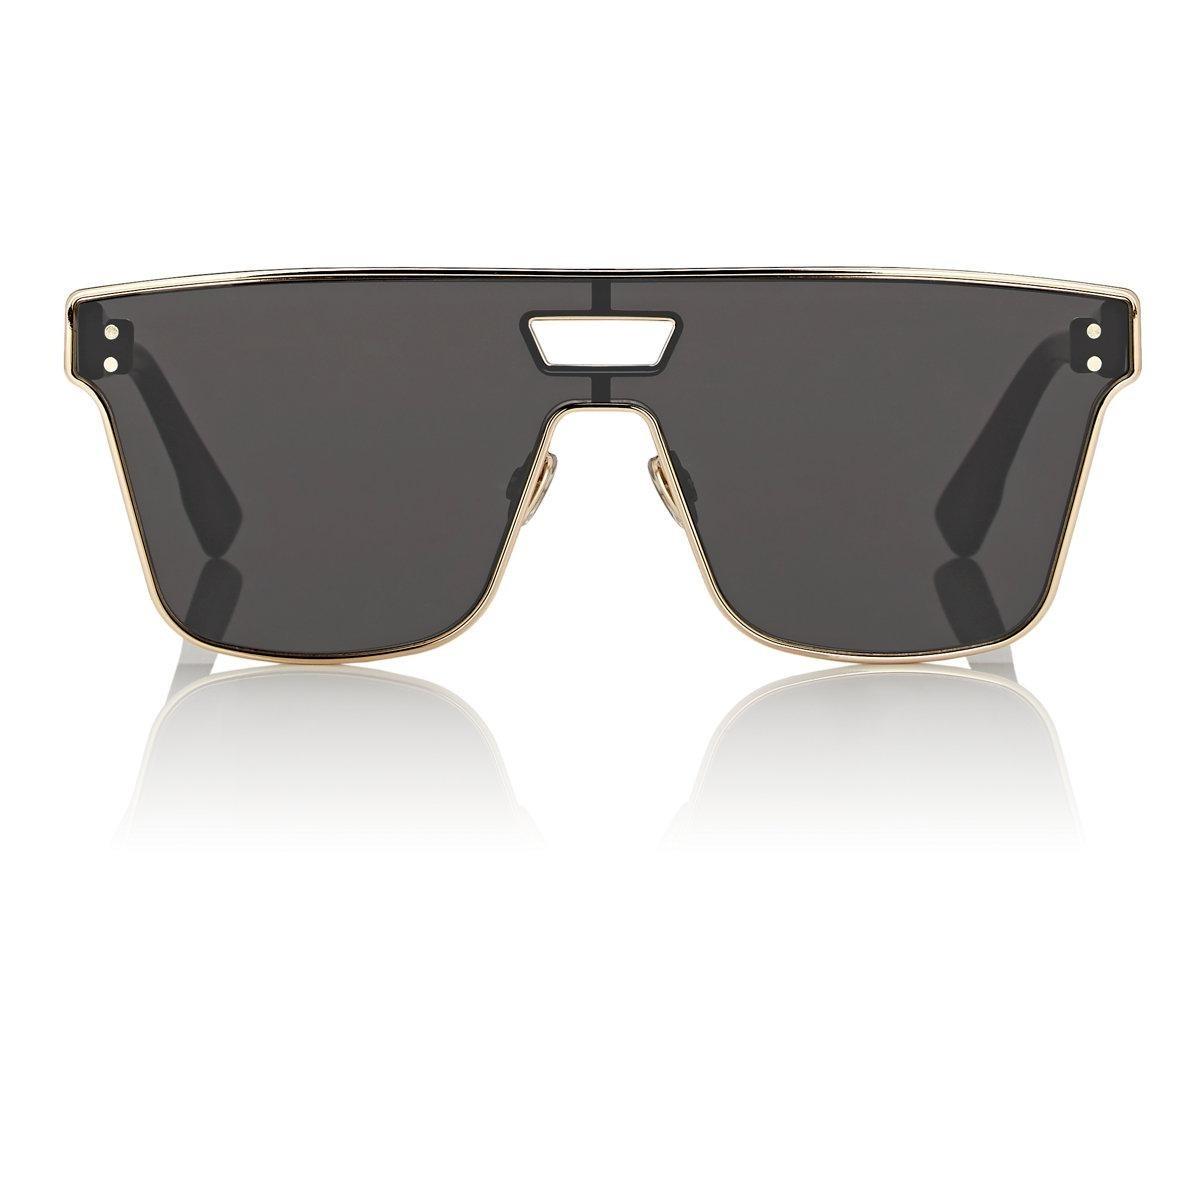 b40b78f18 óculos de sol dior izon black silver unisex original luxury. Carregando  zoom.